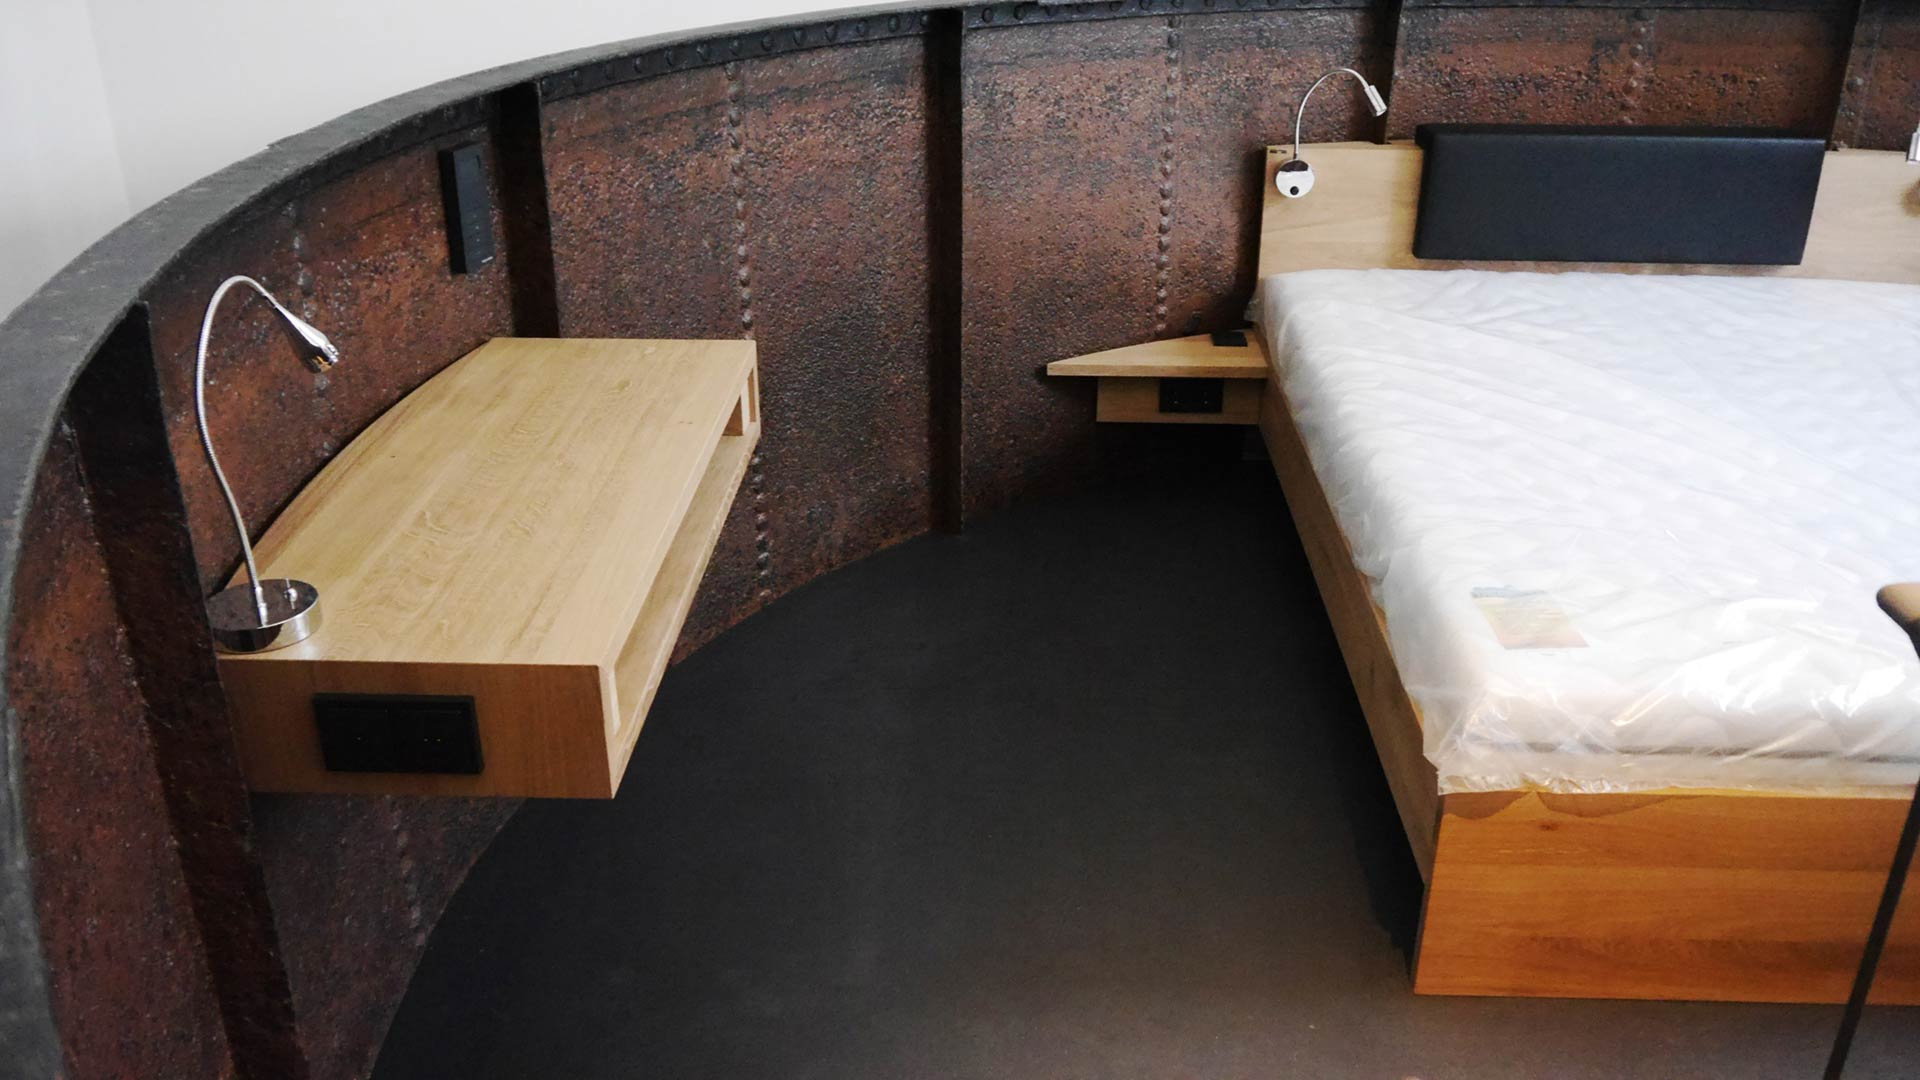 Innenausbau auf kleinstem Raum: Die Tower Suite hat alles, was es braucht.